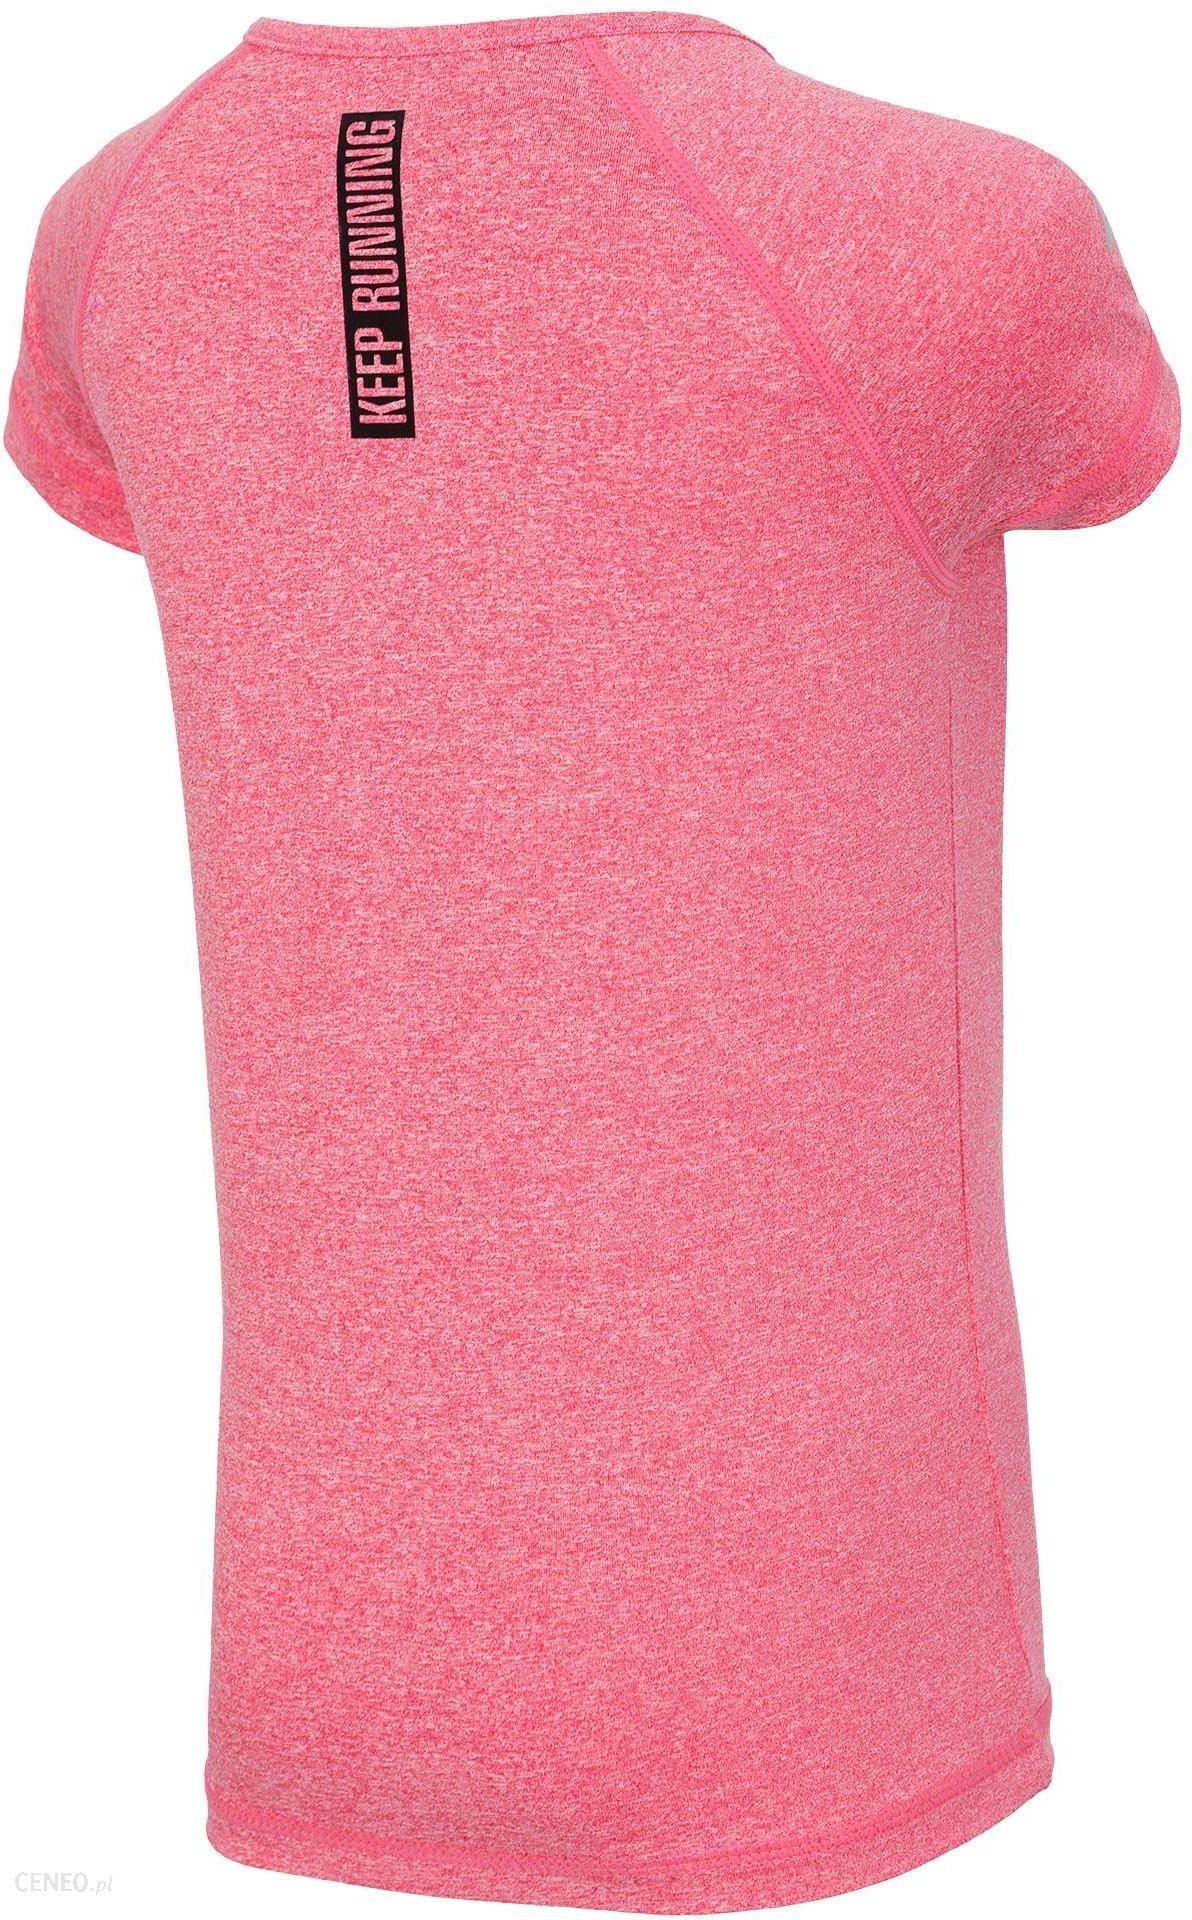 e0bc1f81bd1555 Koszulka sportowa dla dużych dziewcząt JTSD400z - róż melanż 4F JUNIOR -  zdjęcie 1